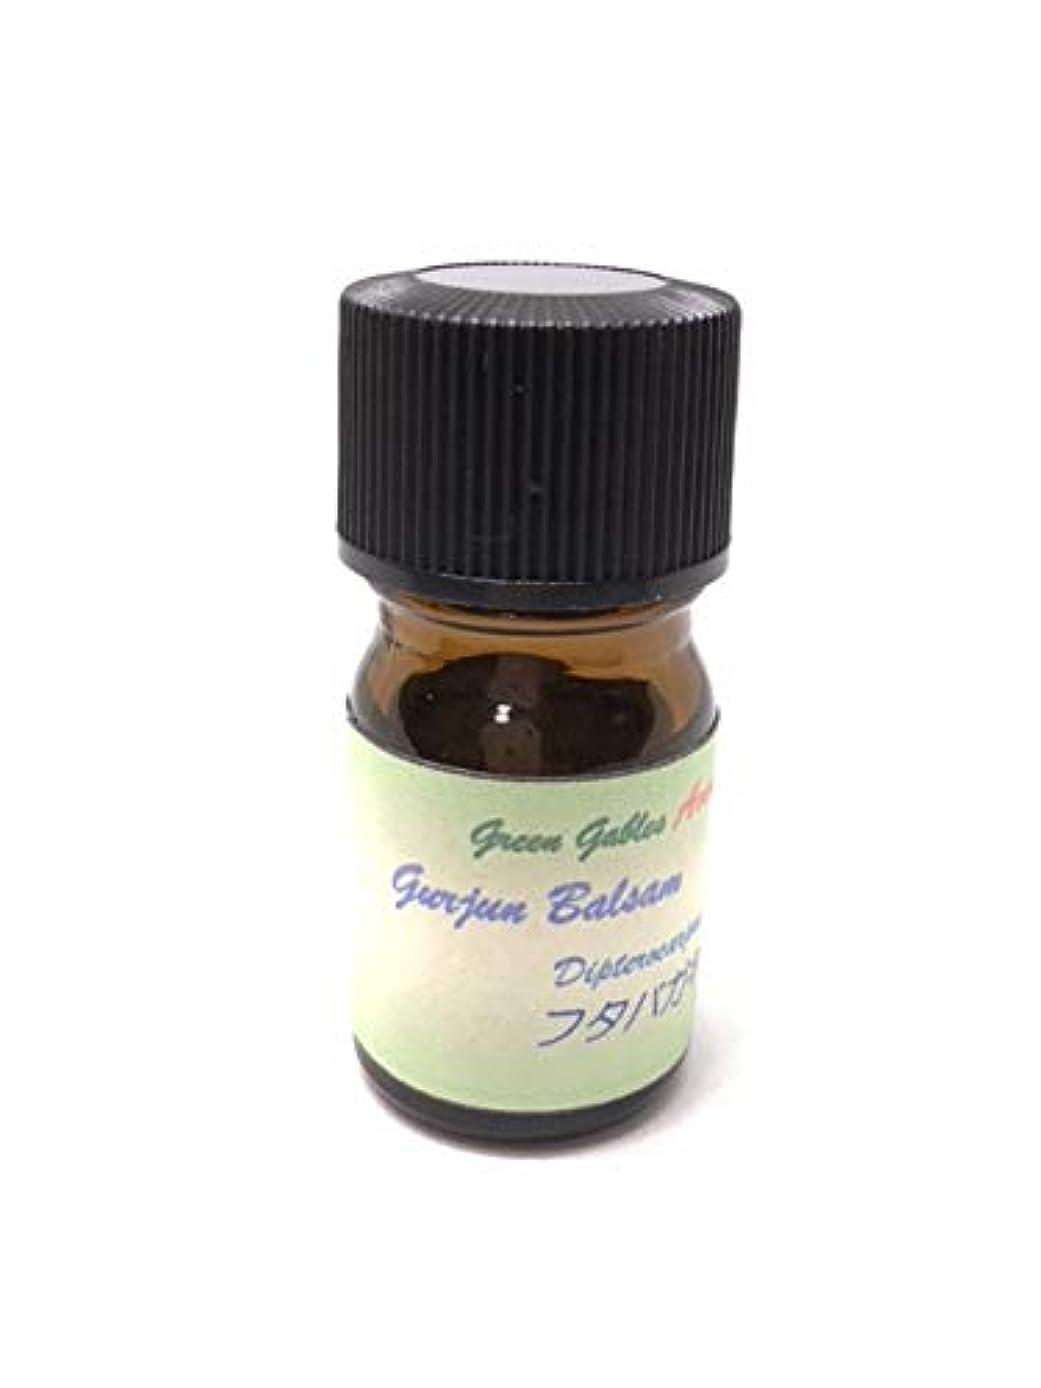 ナラーバーガソリン目の前のグルジュンバルサム精油 30ml Gurjun Balsam エッセンシャルオイル